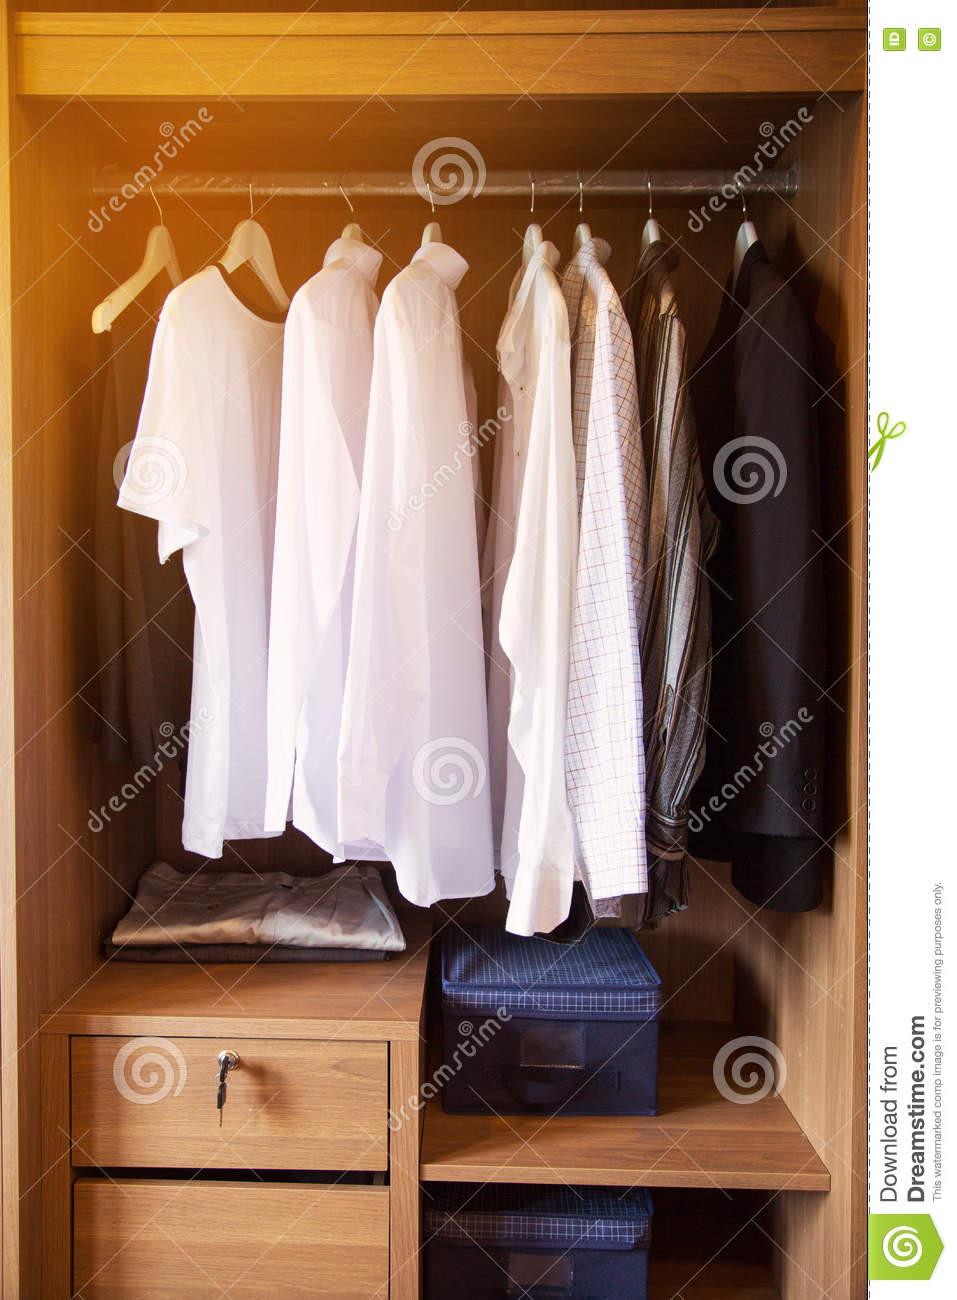 Full Size of Kleidung Hngt An Einem Regal In Kleidungs Speicher Holz Kopfteile Für Betten Paschen Regale Aus Kisten Weiß Hochglanz Günstig 20 Cm Tief 25 Tisch Regal Regal Für Kleidung